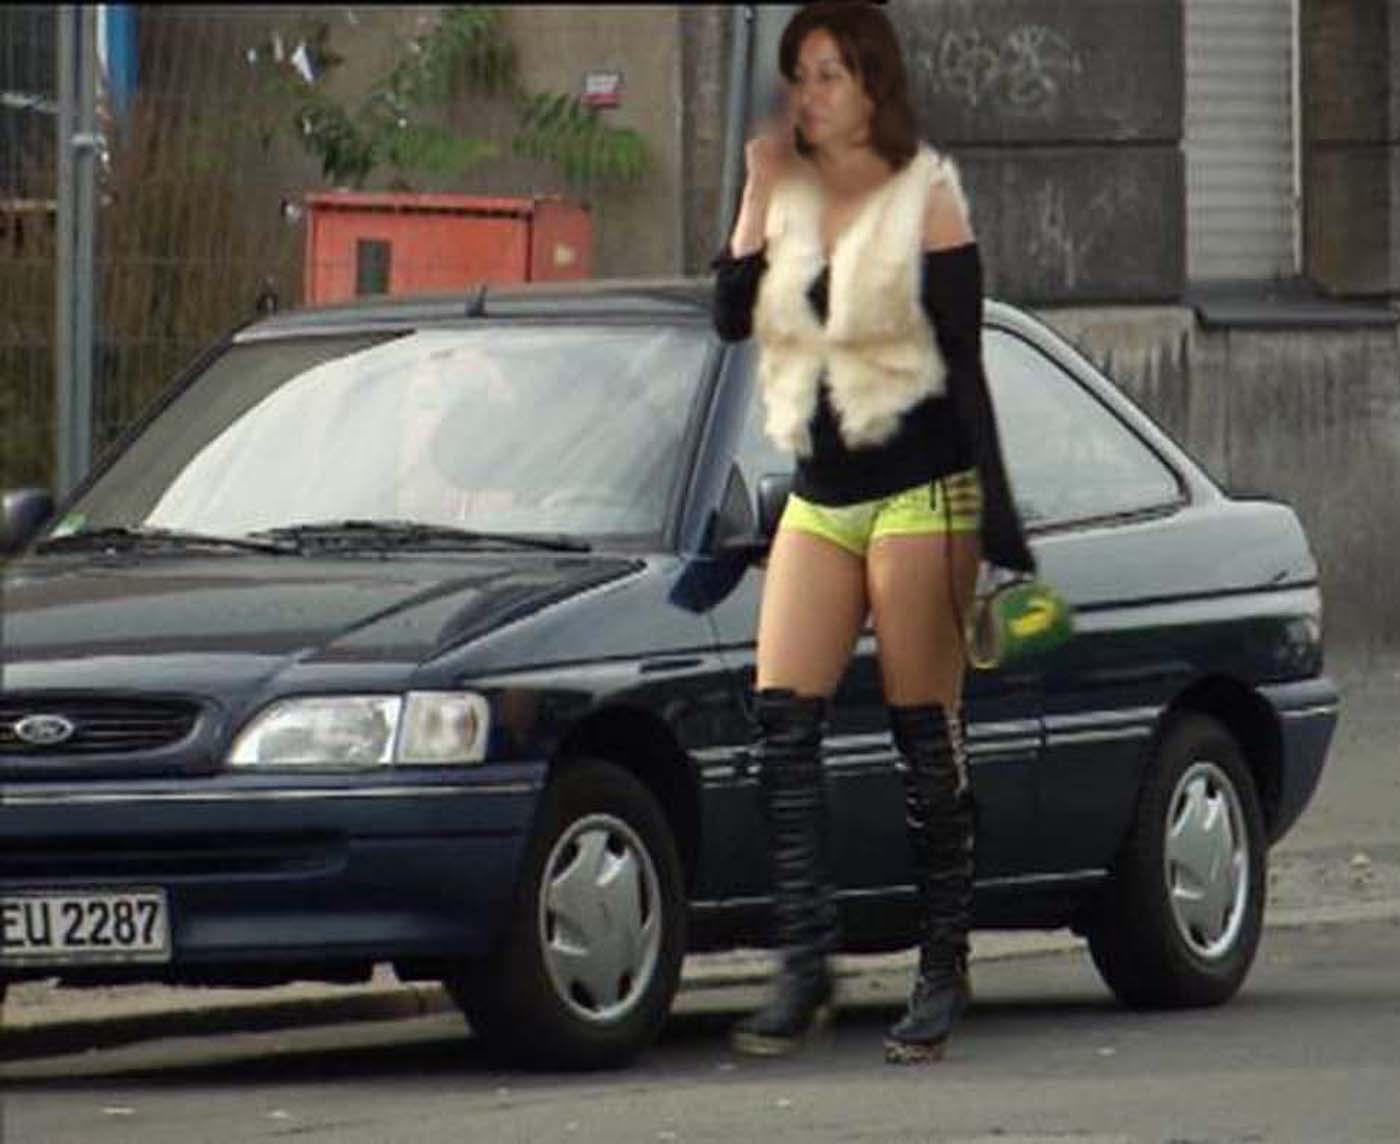 Фото шлюх на улицах, Снял на улице проститутку порно фото бесплатно на 12 фотография